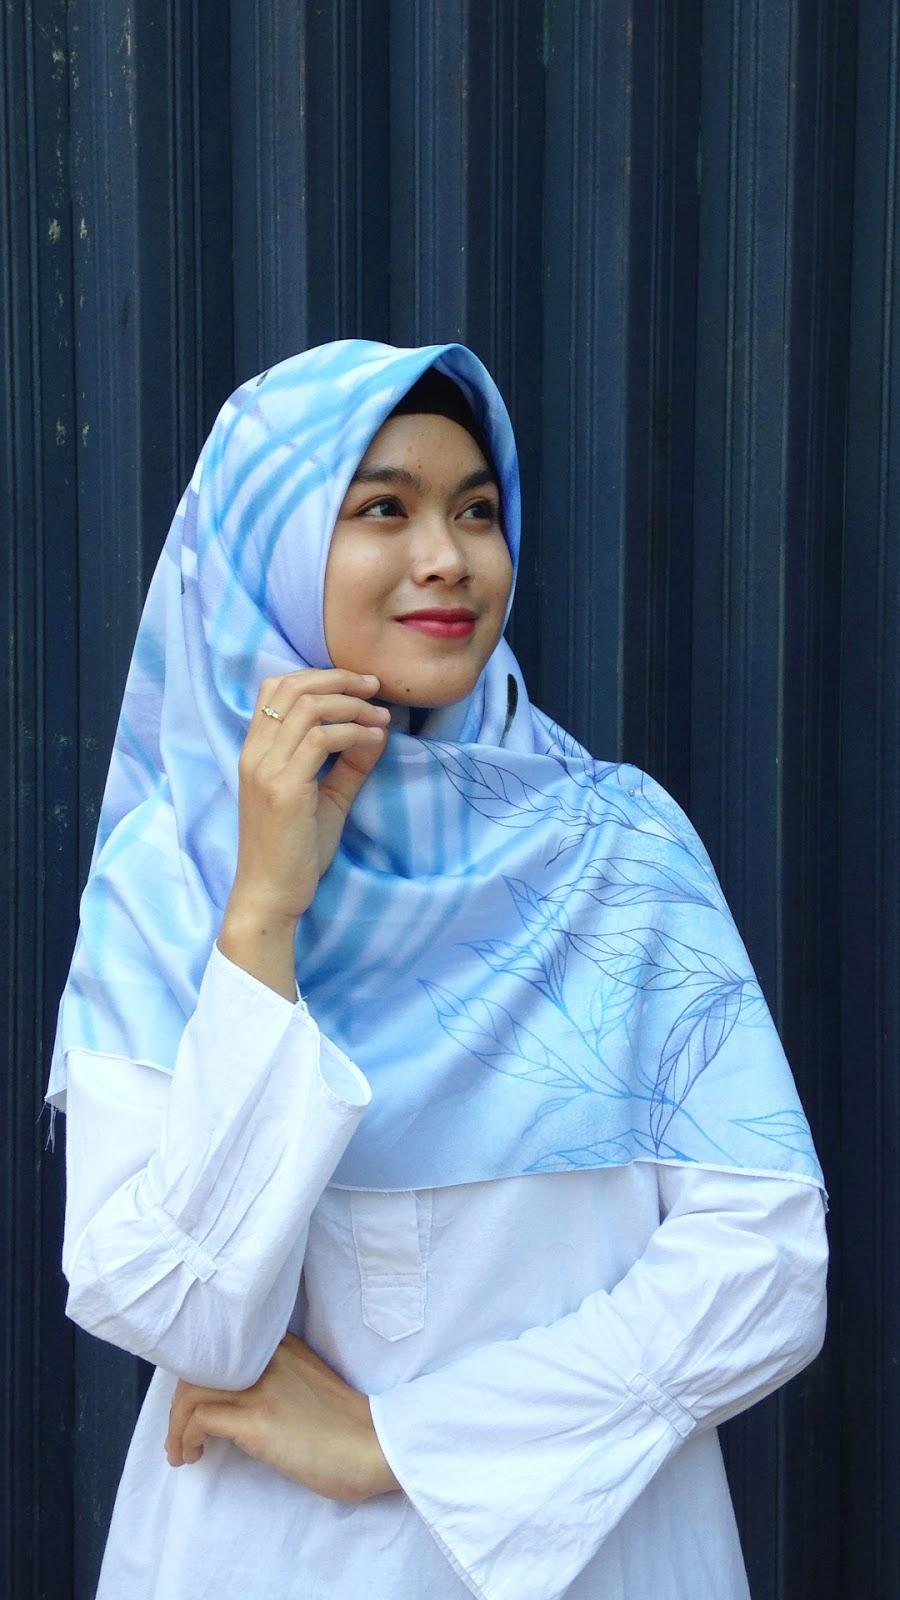 wallpaper HD muslimah cantik hijab